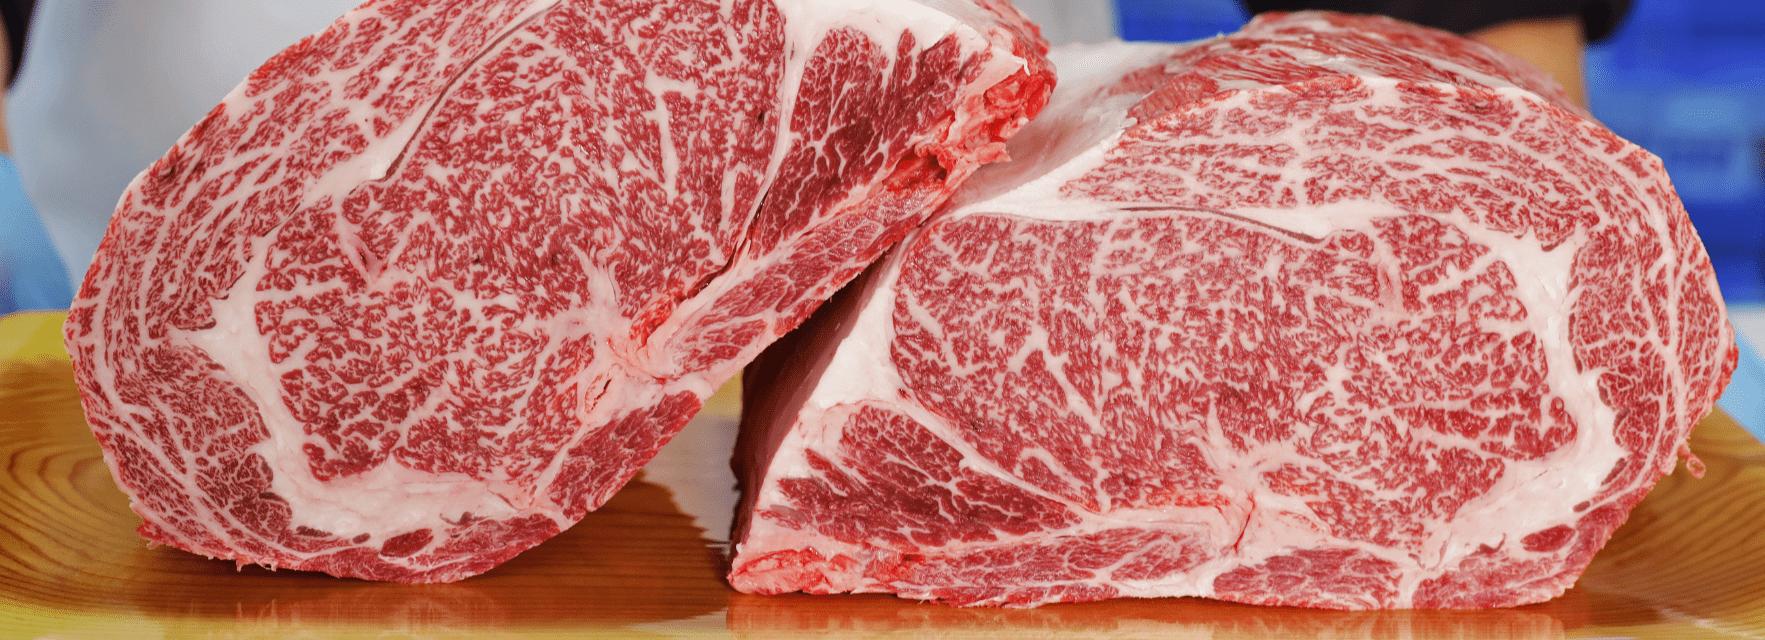 リブロース肉